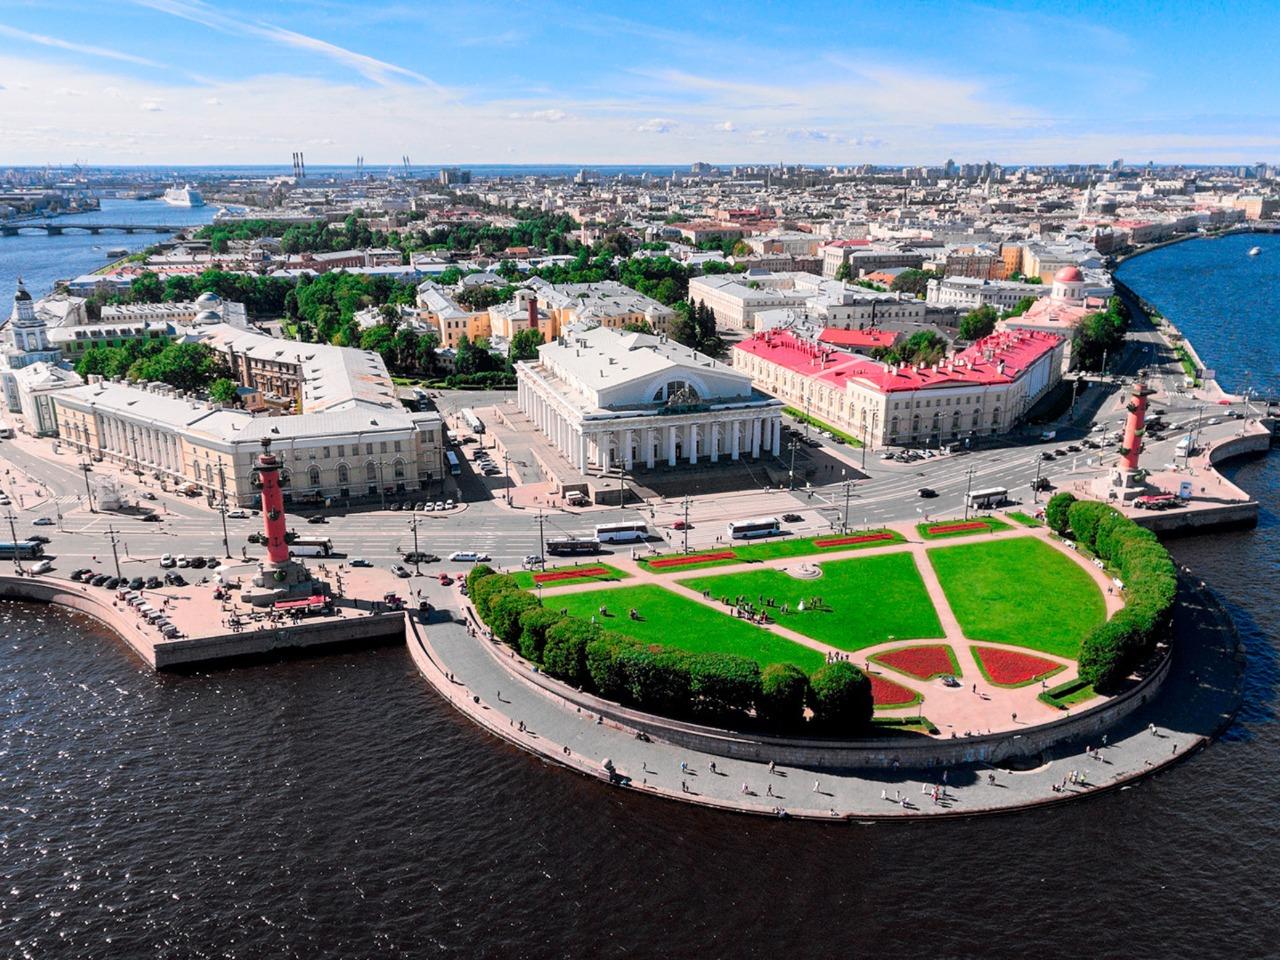 Остров неразгаданных тайн Северной Венеции - индивидуальная экскурсия по Санкт-Петербургу от опытного гида